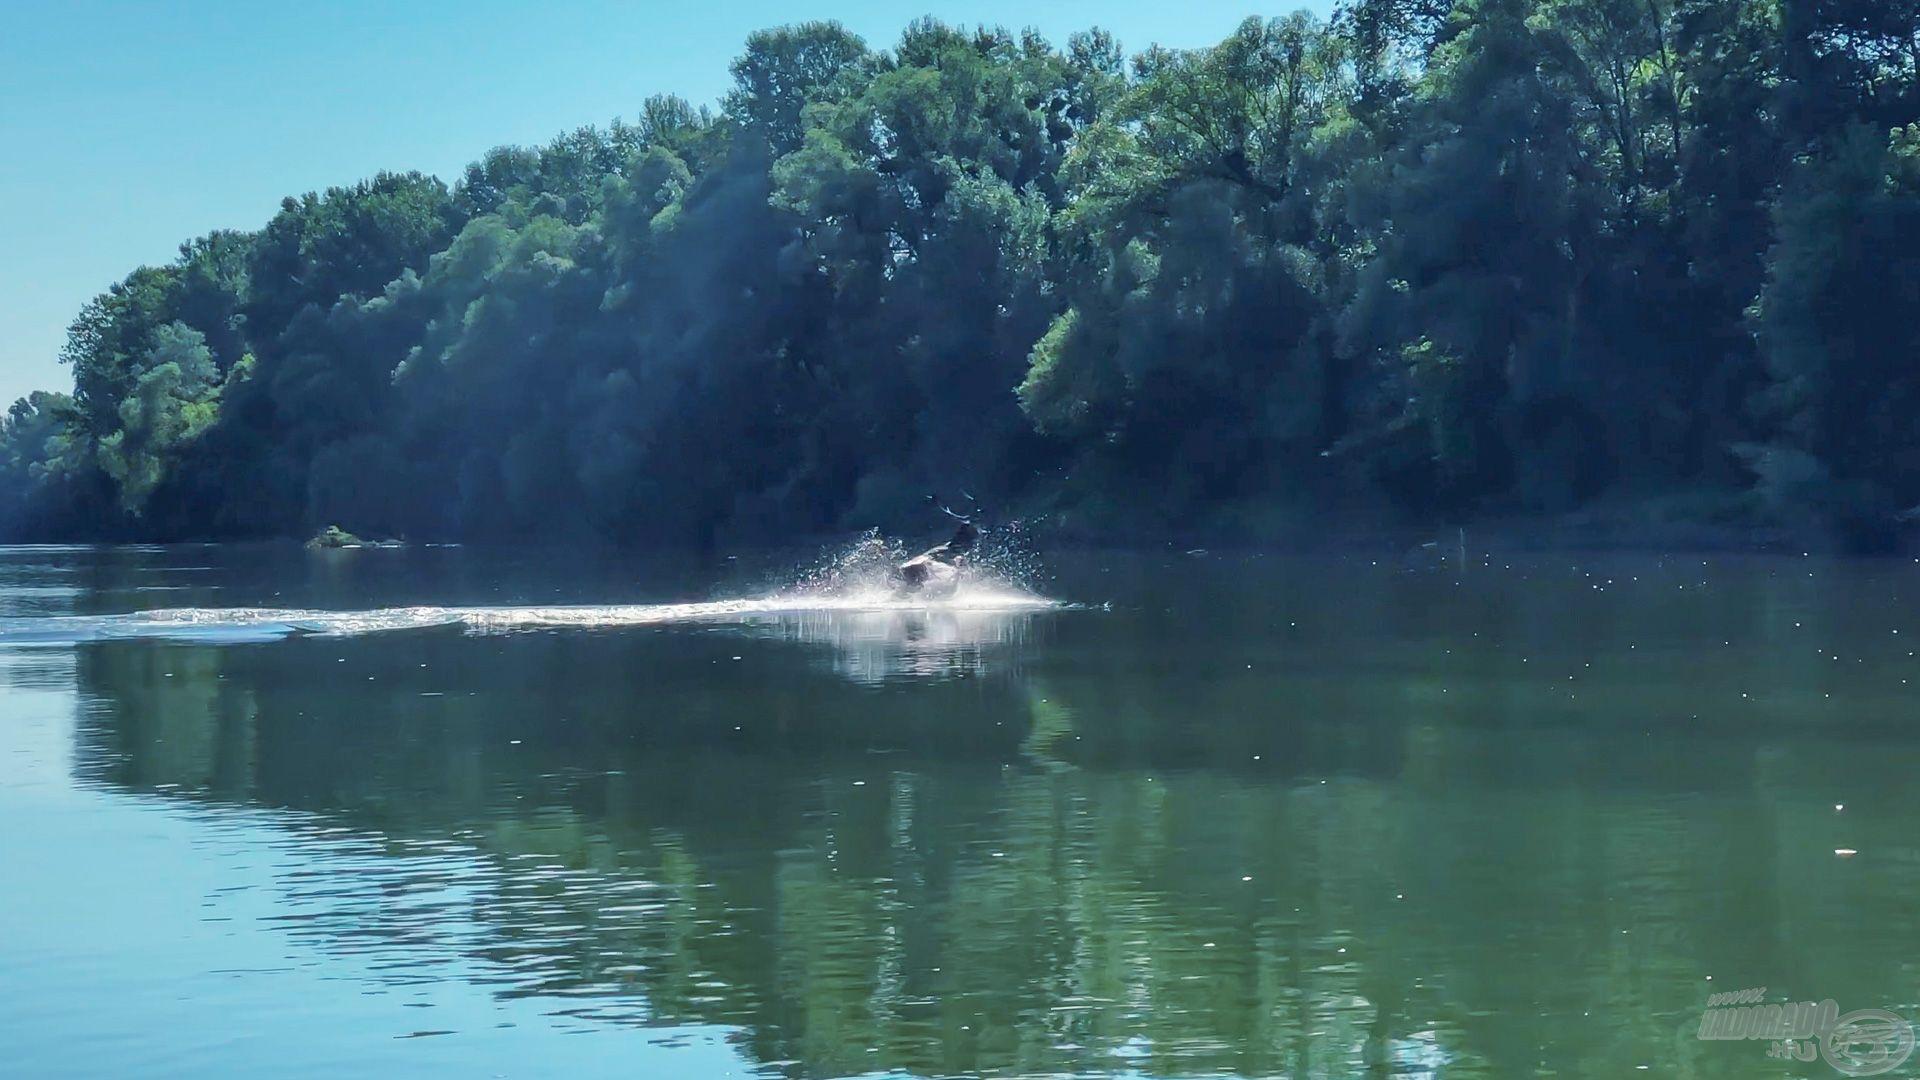 Nem igazán mély a folyó, ha egy szarvas jószágból ennyi kilátszik a meder közepén, vagy vízilabdás családból származik